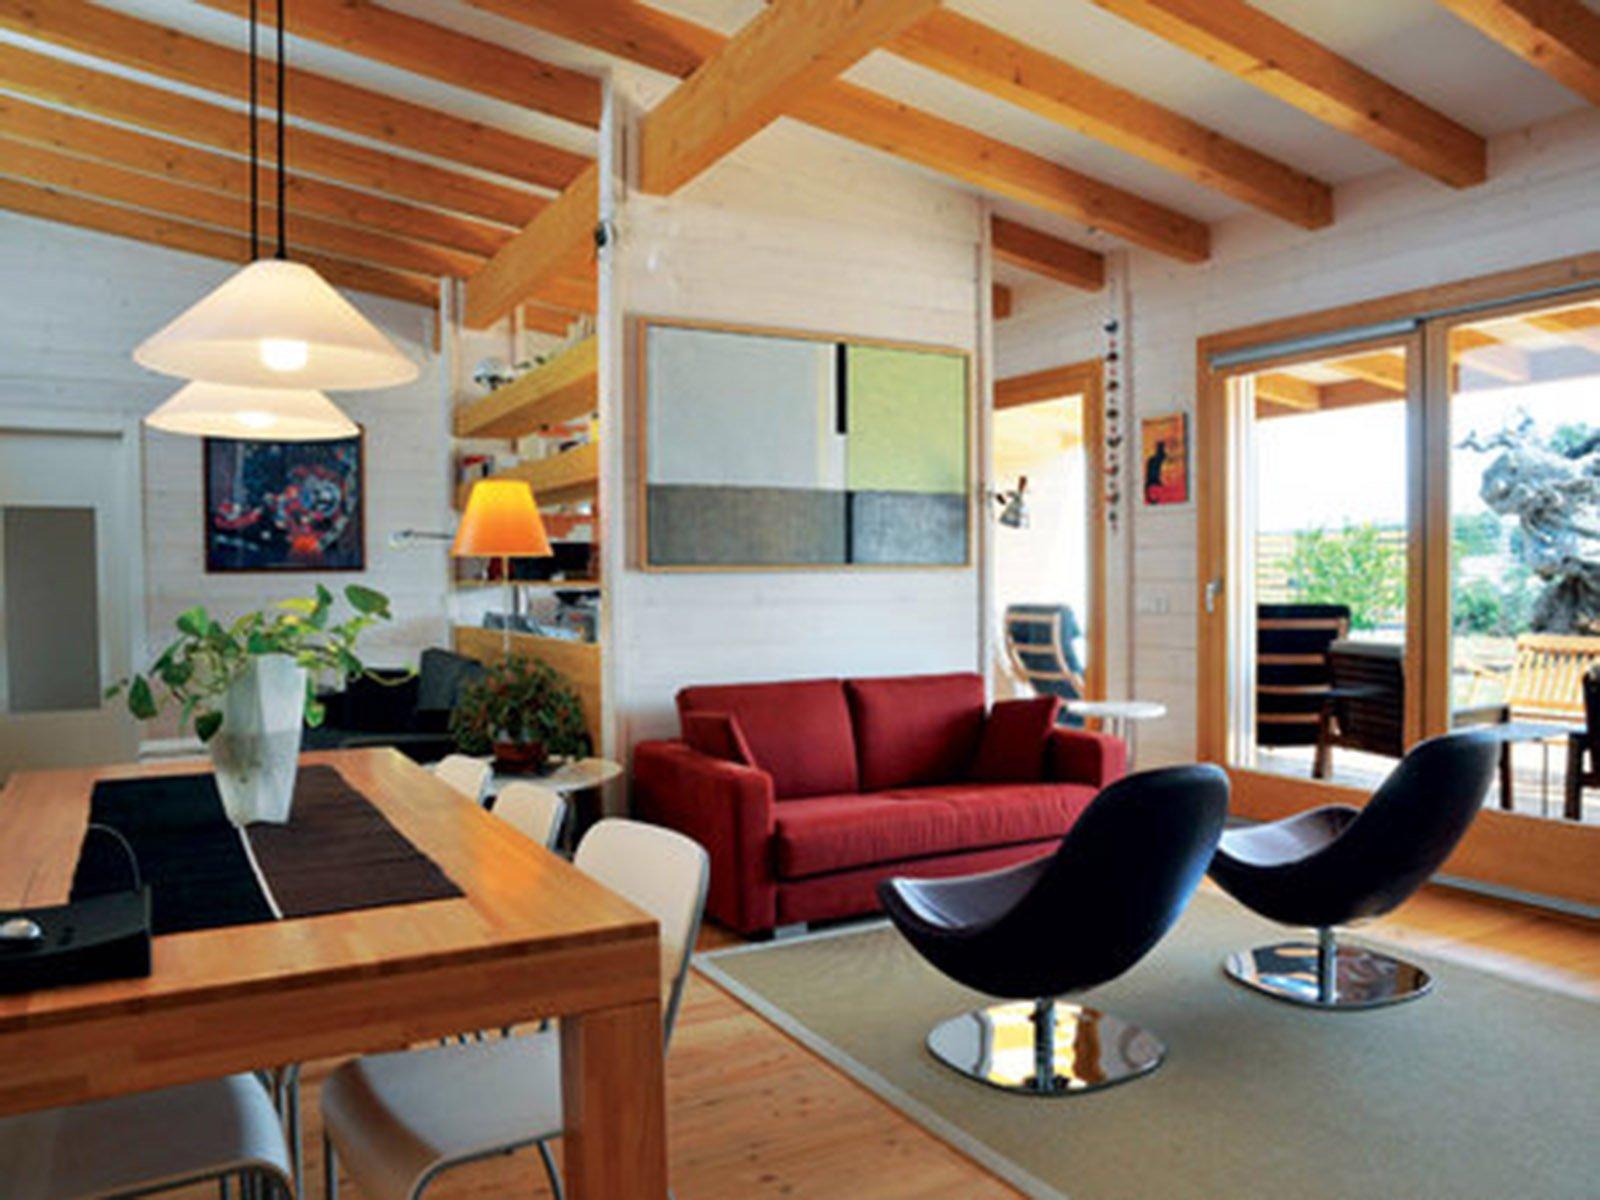 Bioarchitettura e case ecologiche, prefabbricate in legno - Cose ...